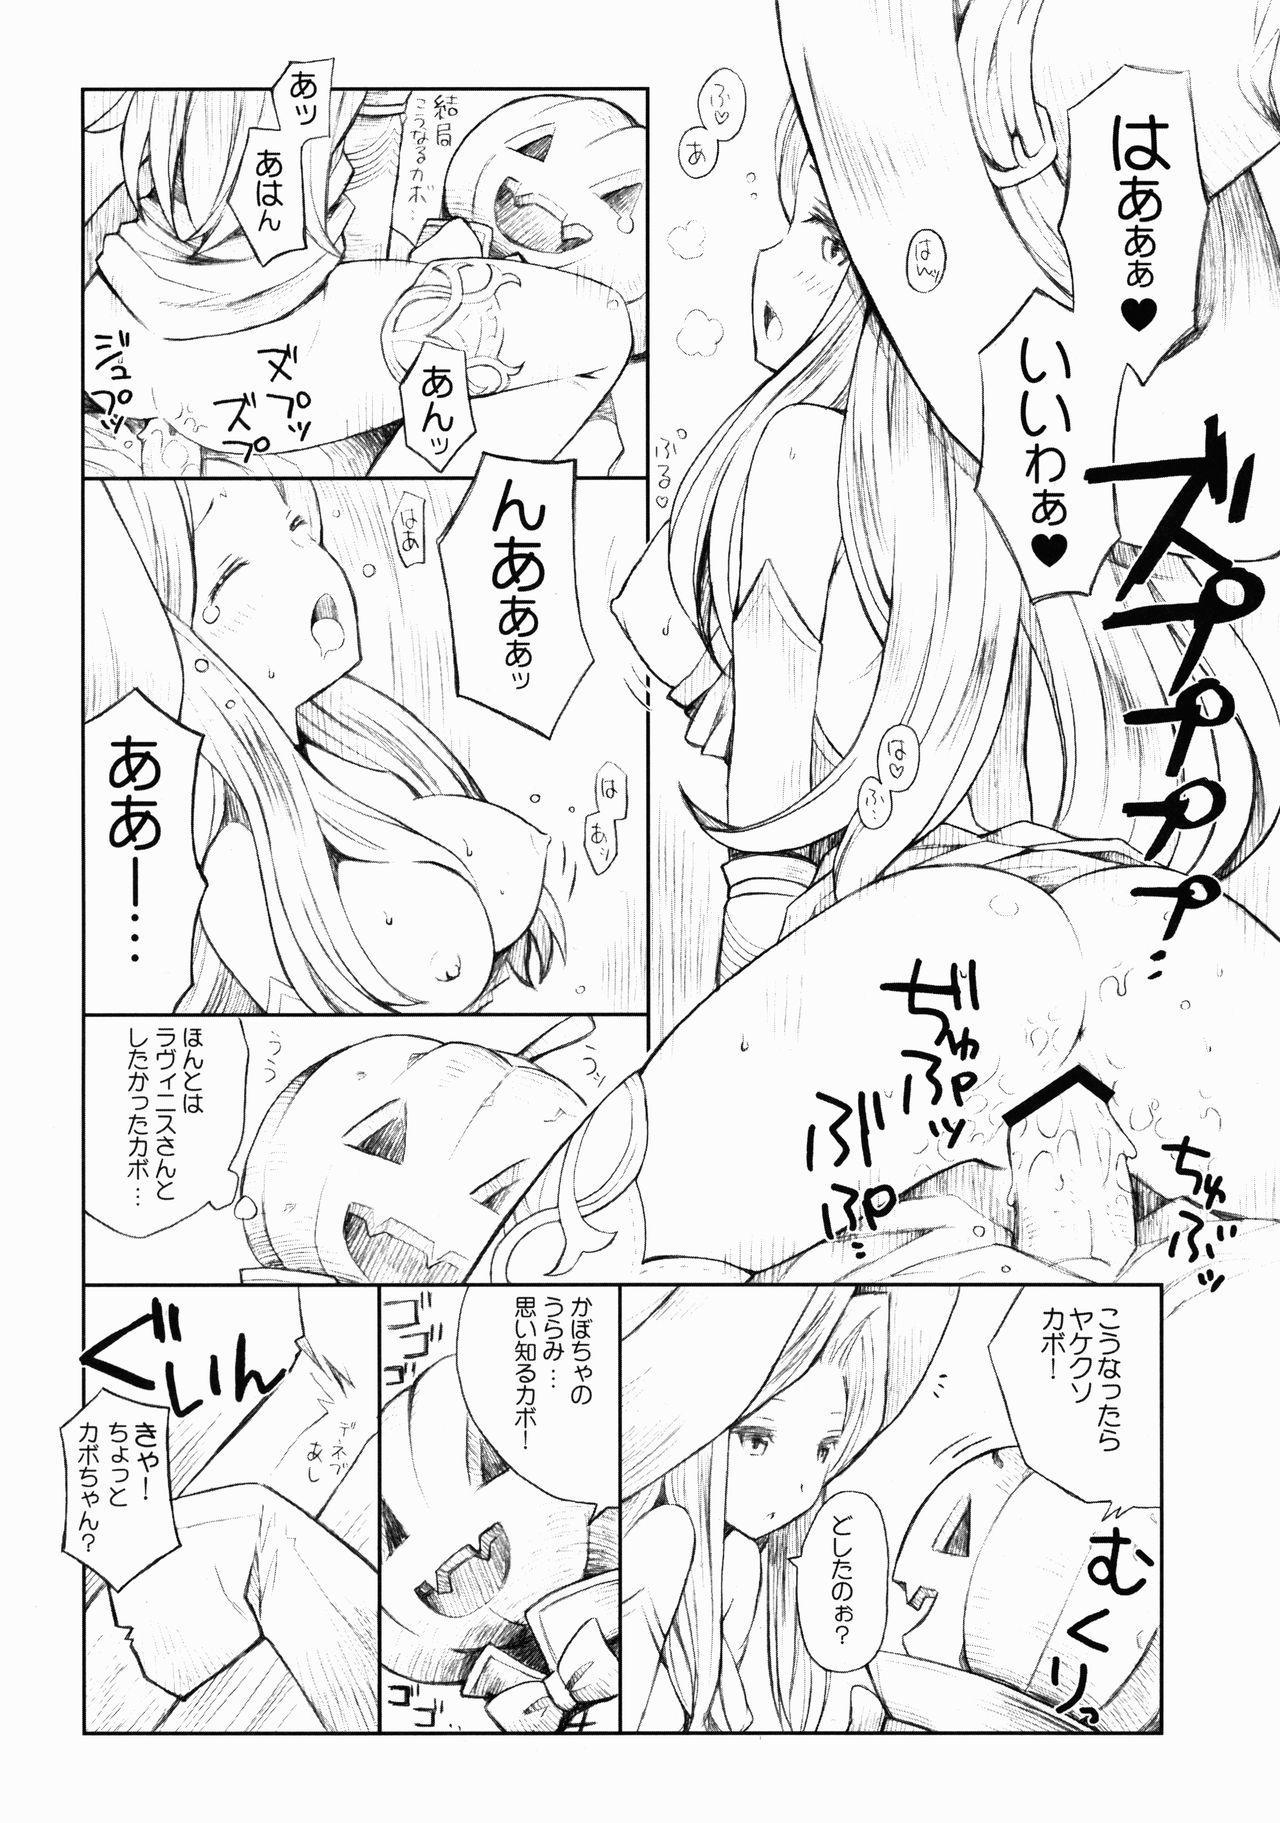 Majo to Kabocha to Ikusaotome Omake Manga 1